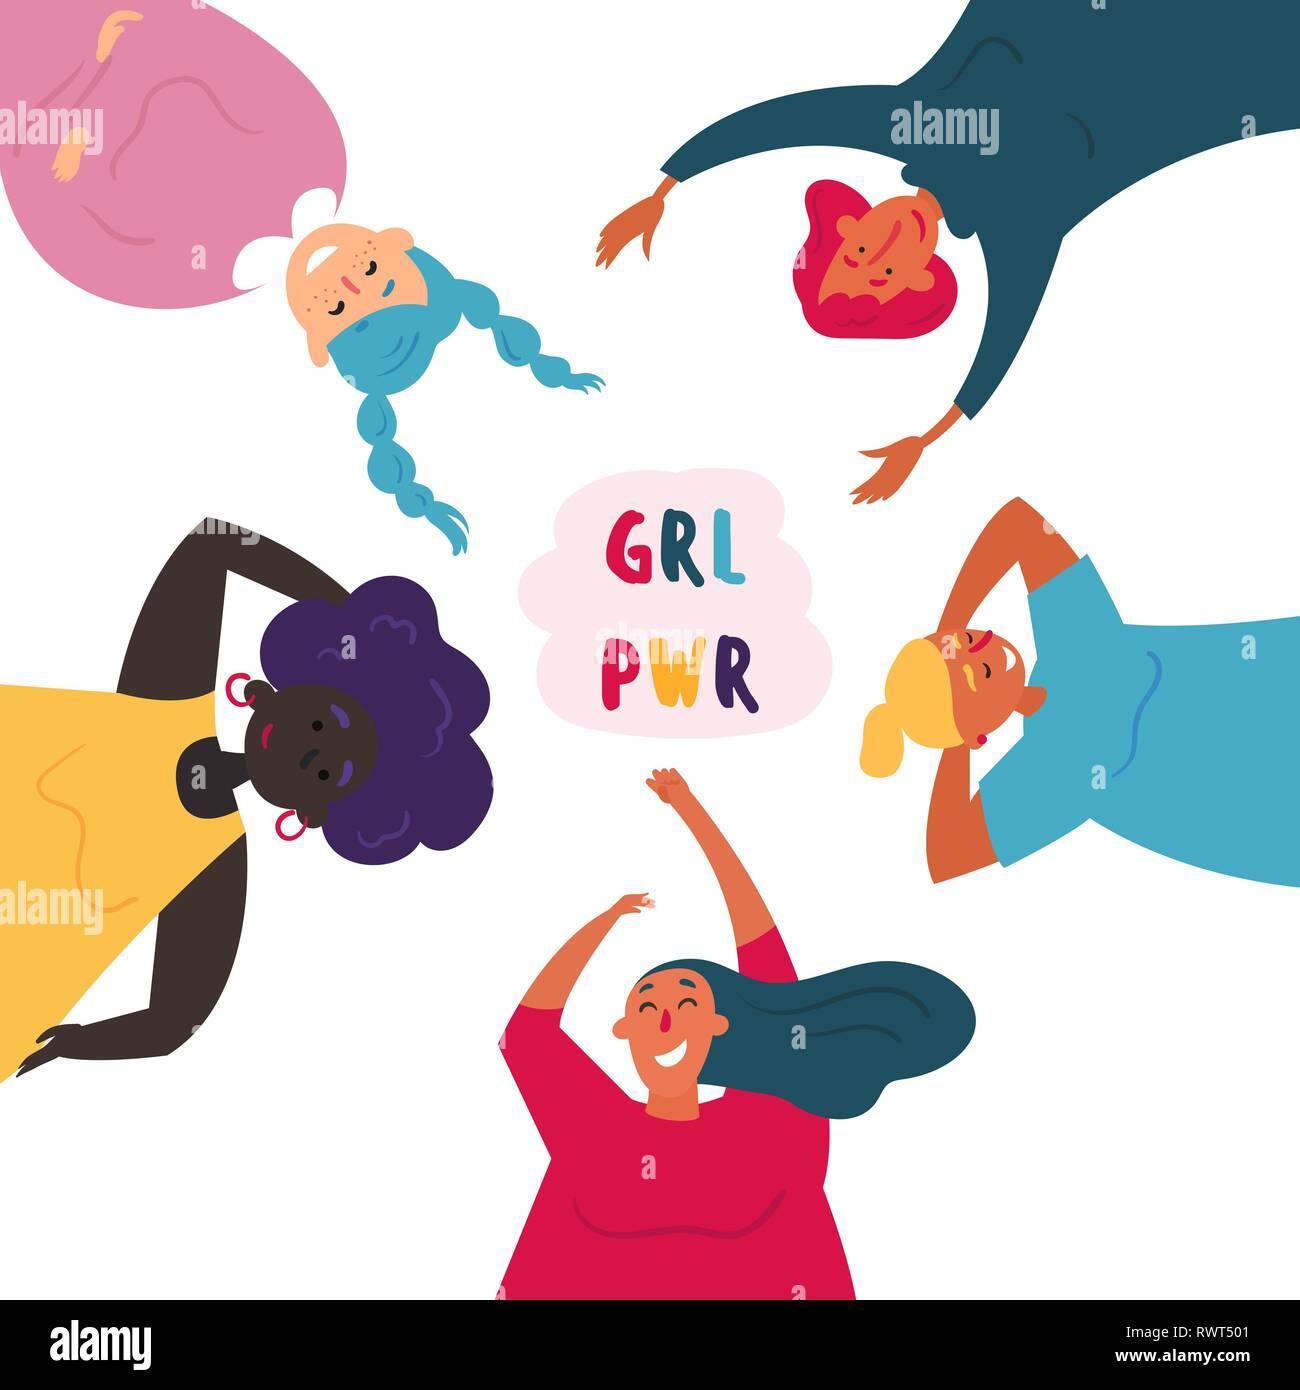 Diverse group of women. Feminine. Girl power - Stock Image